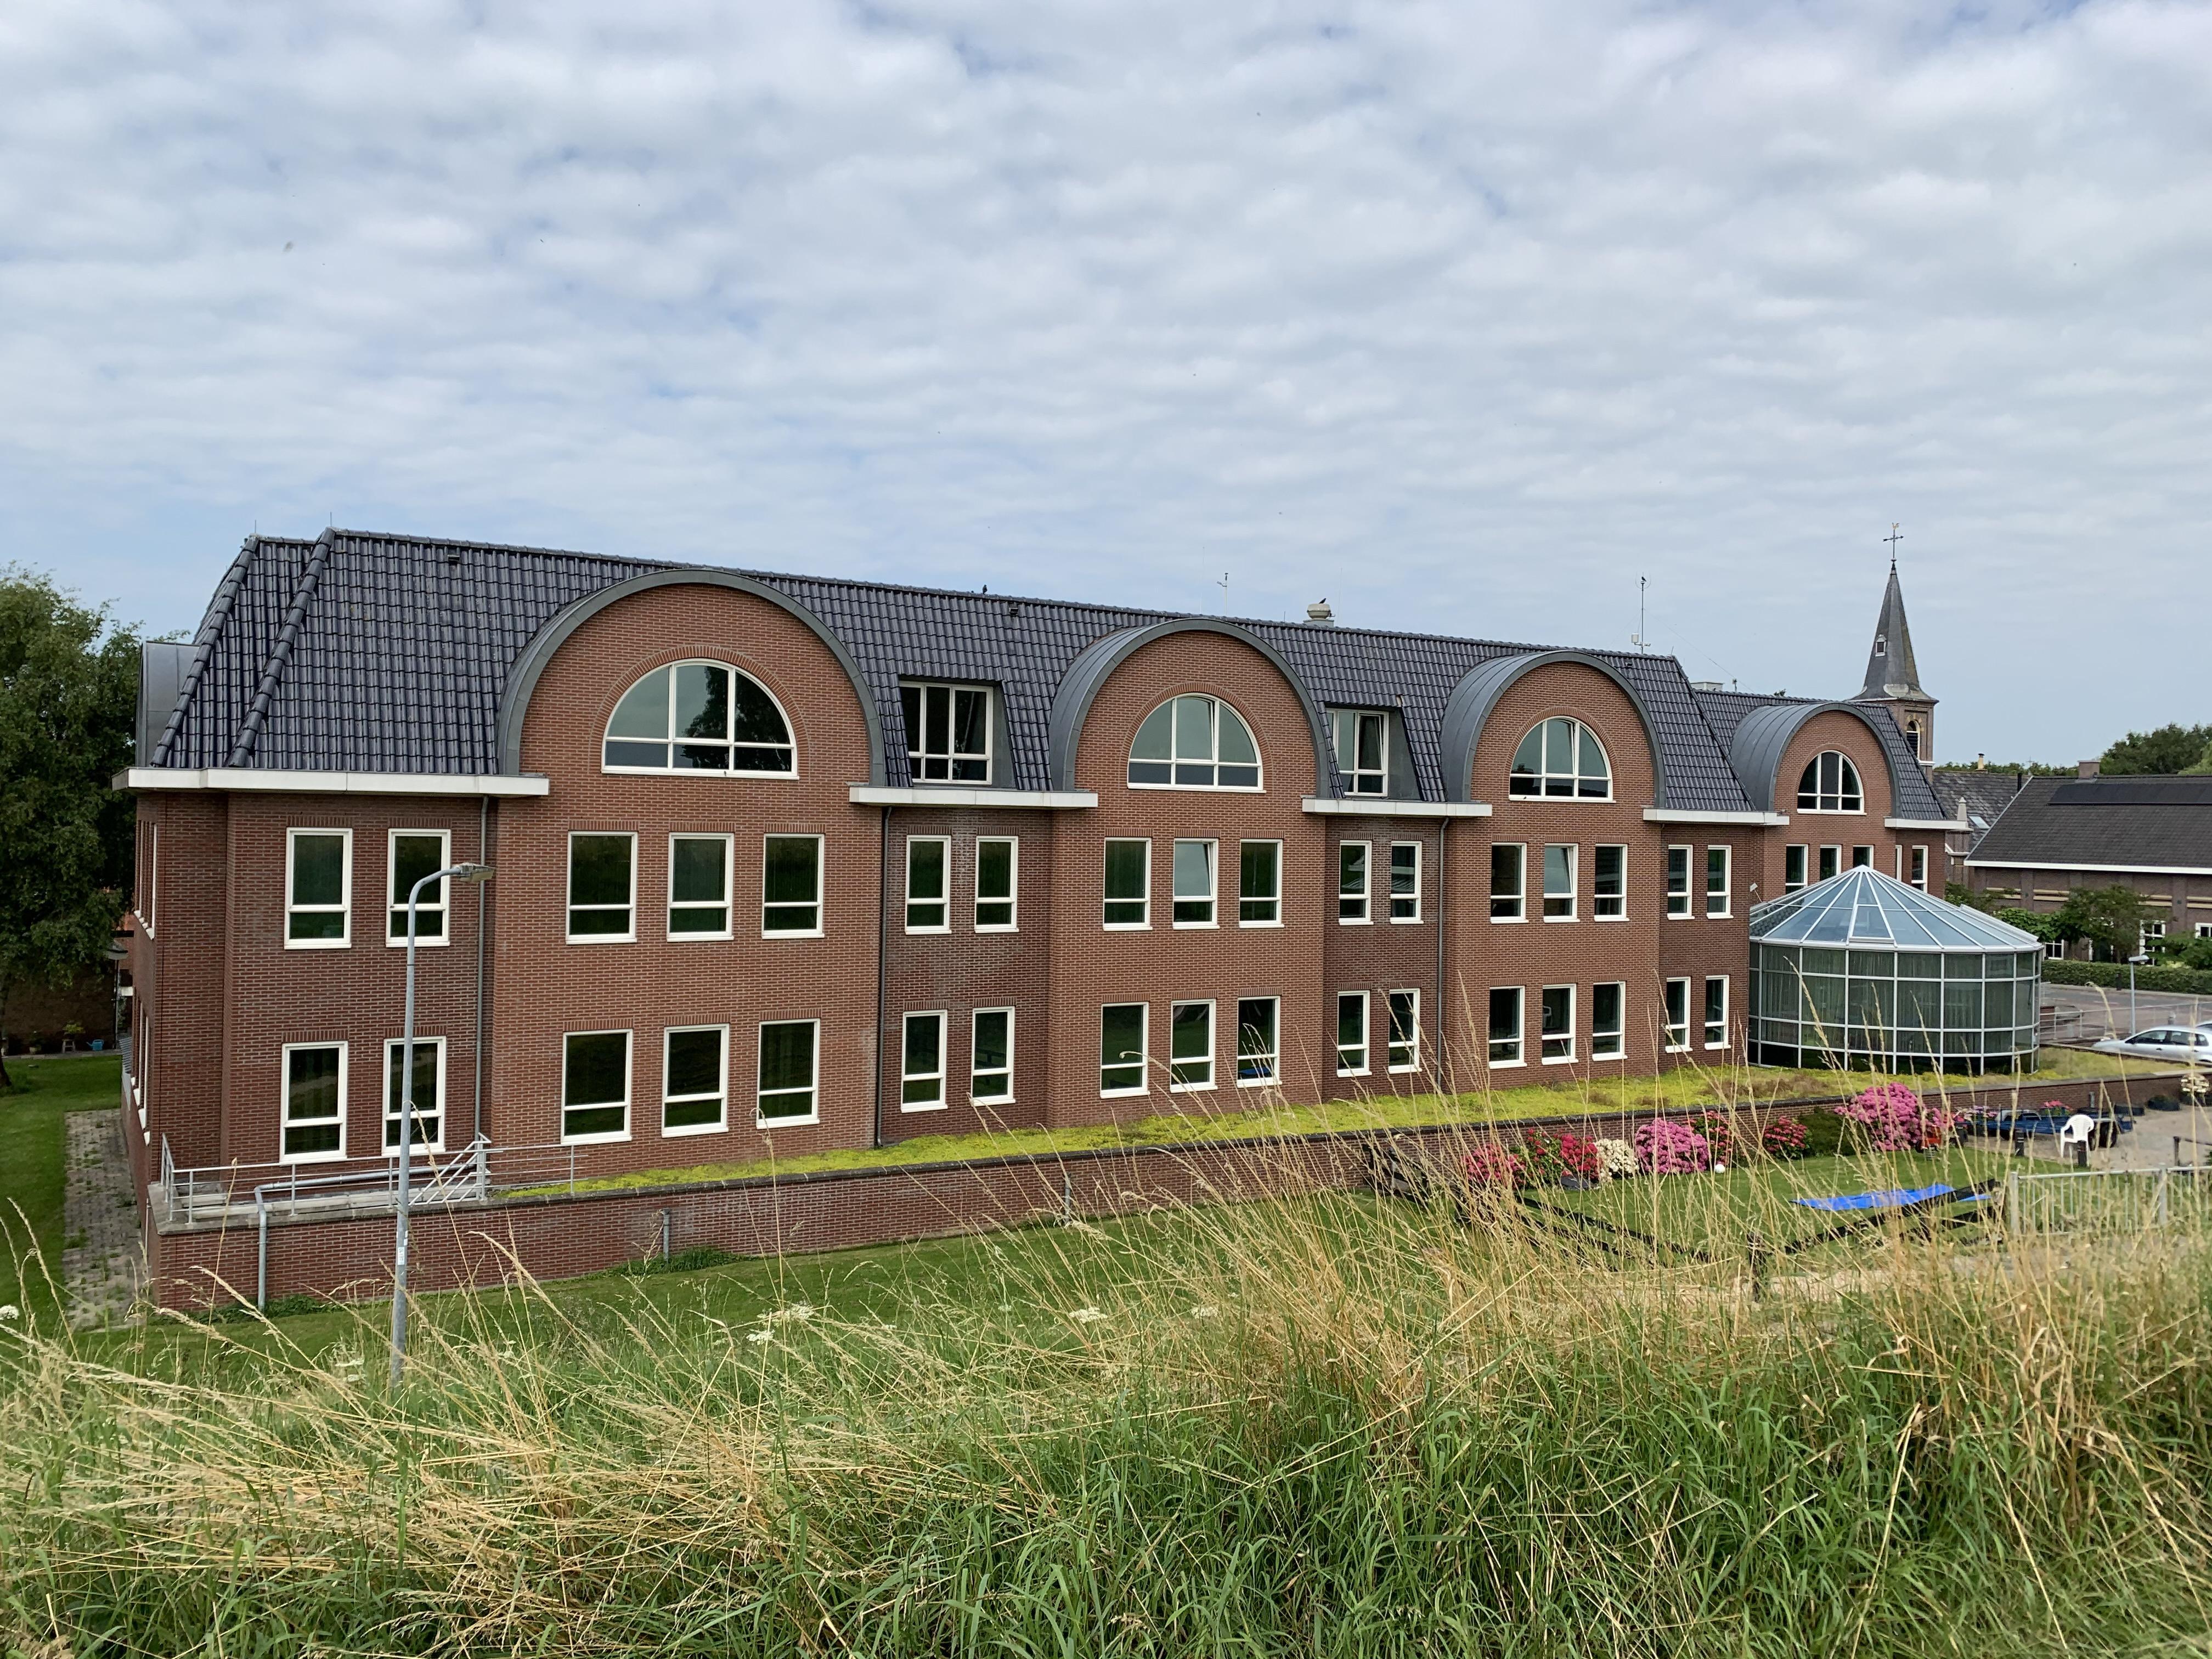 Bouwplan voor appartementen in kantoorkolos Strukton in Scharwoude